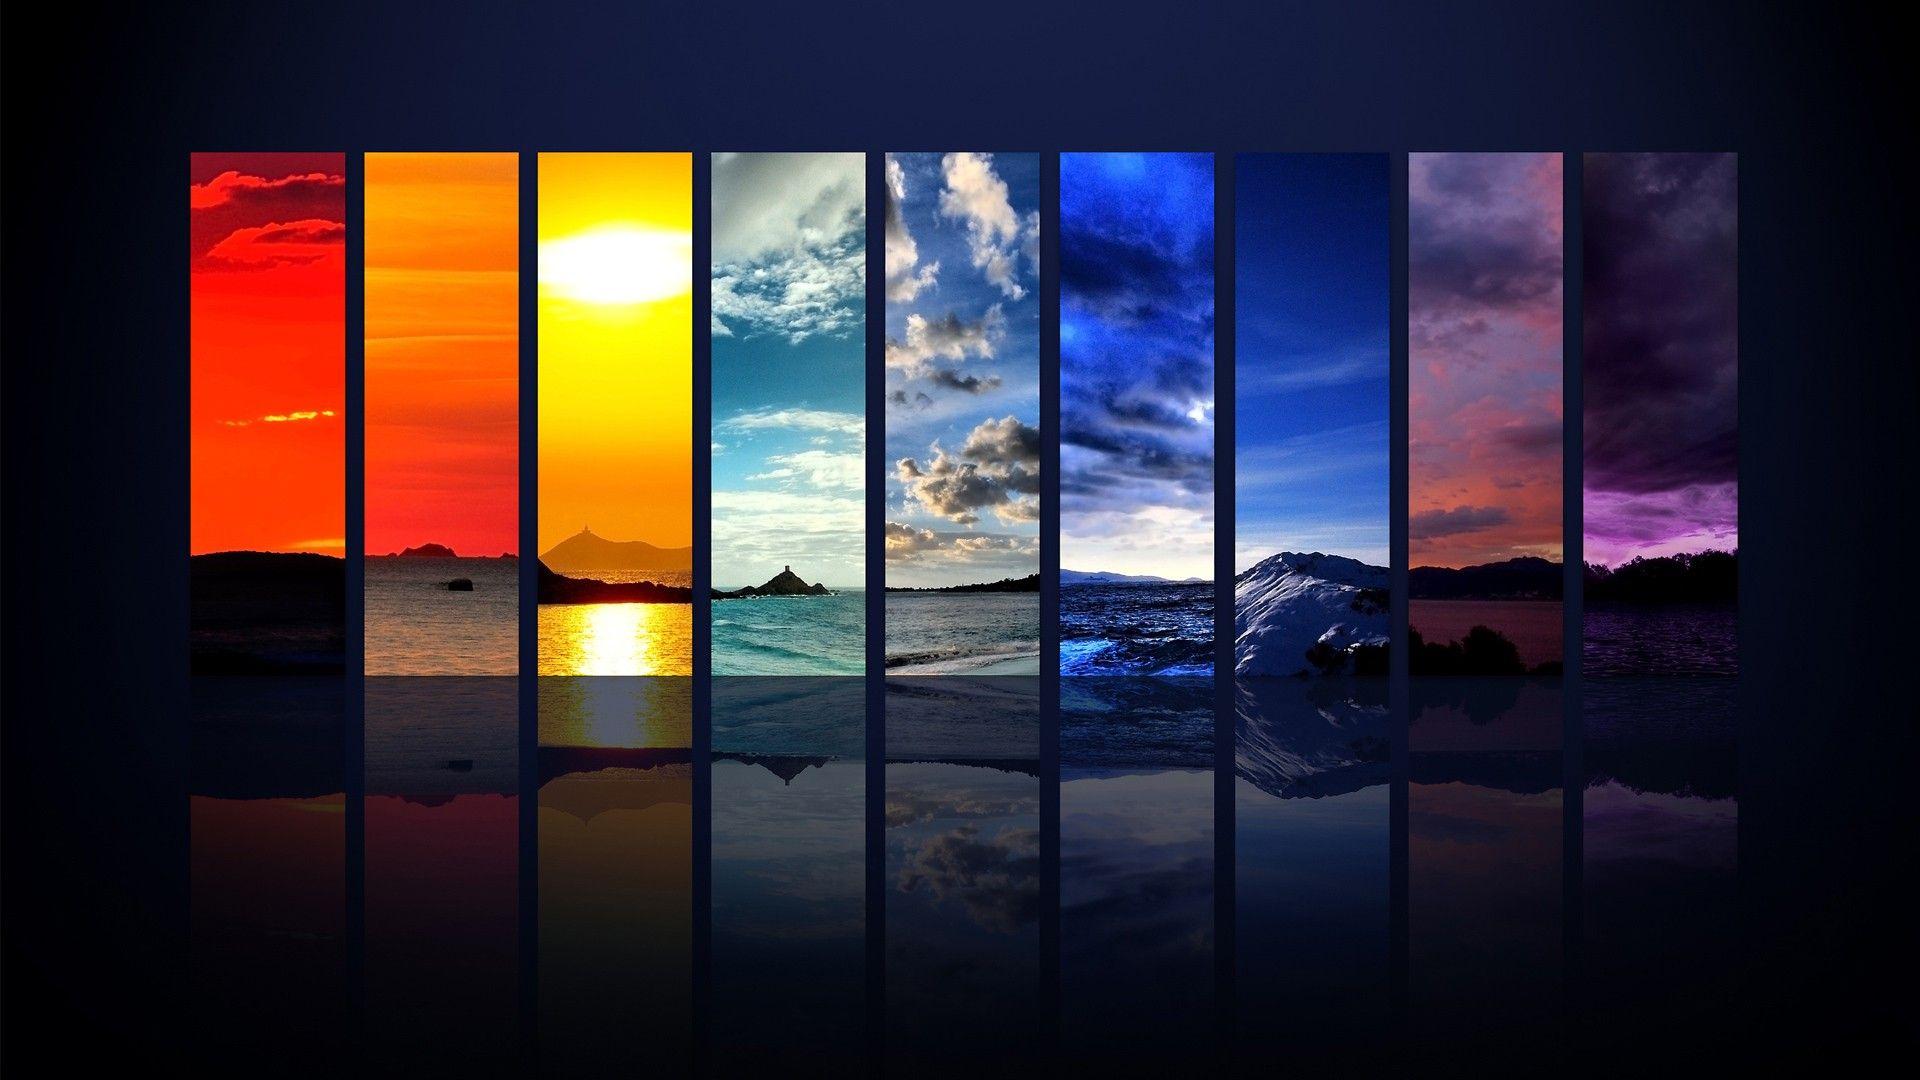 Best Desktop Wallpaper Download 1920x1080